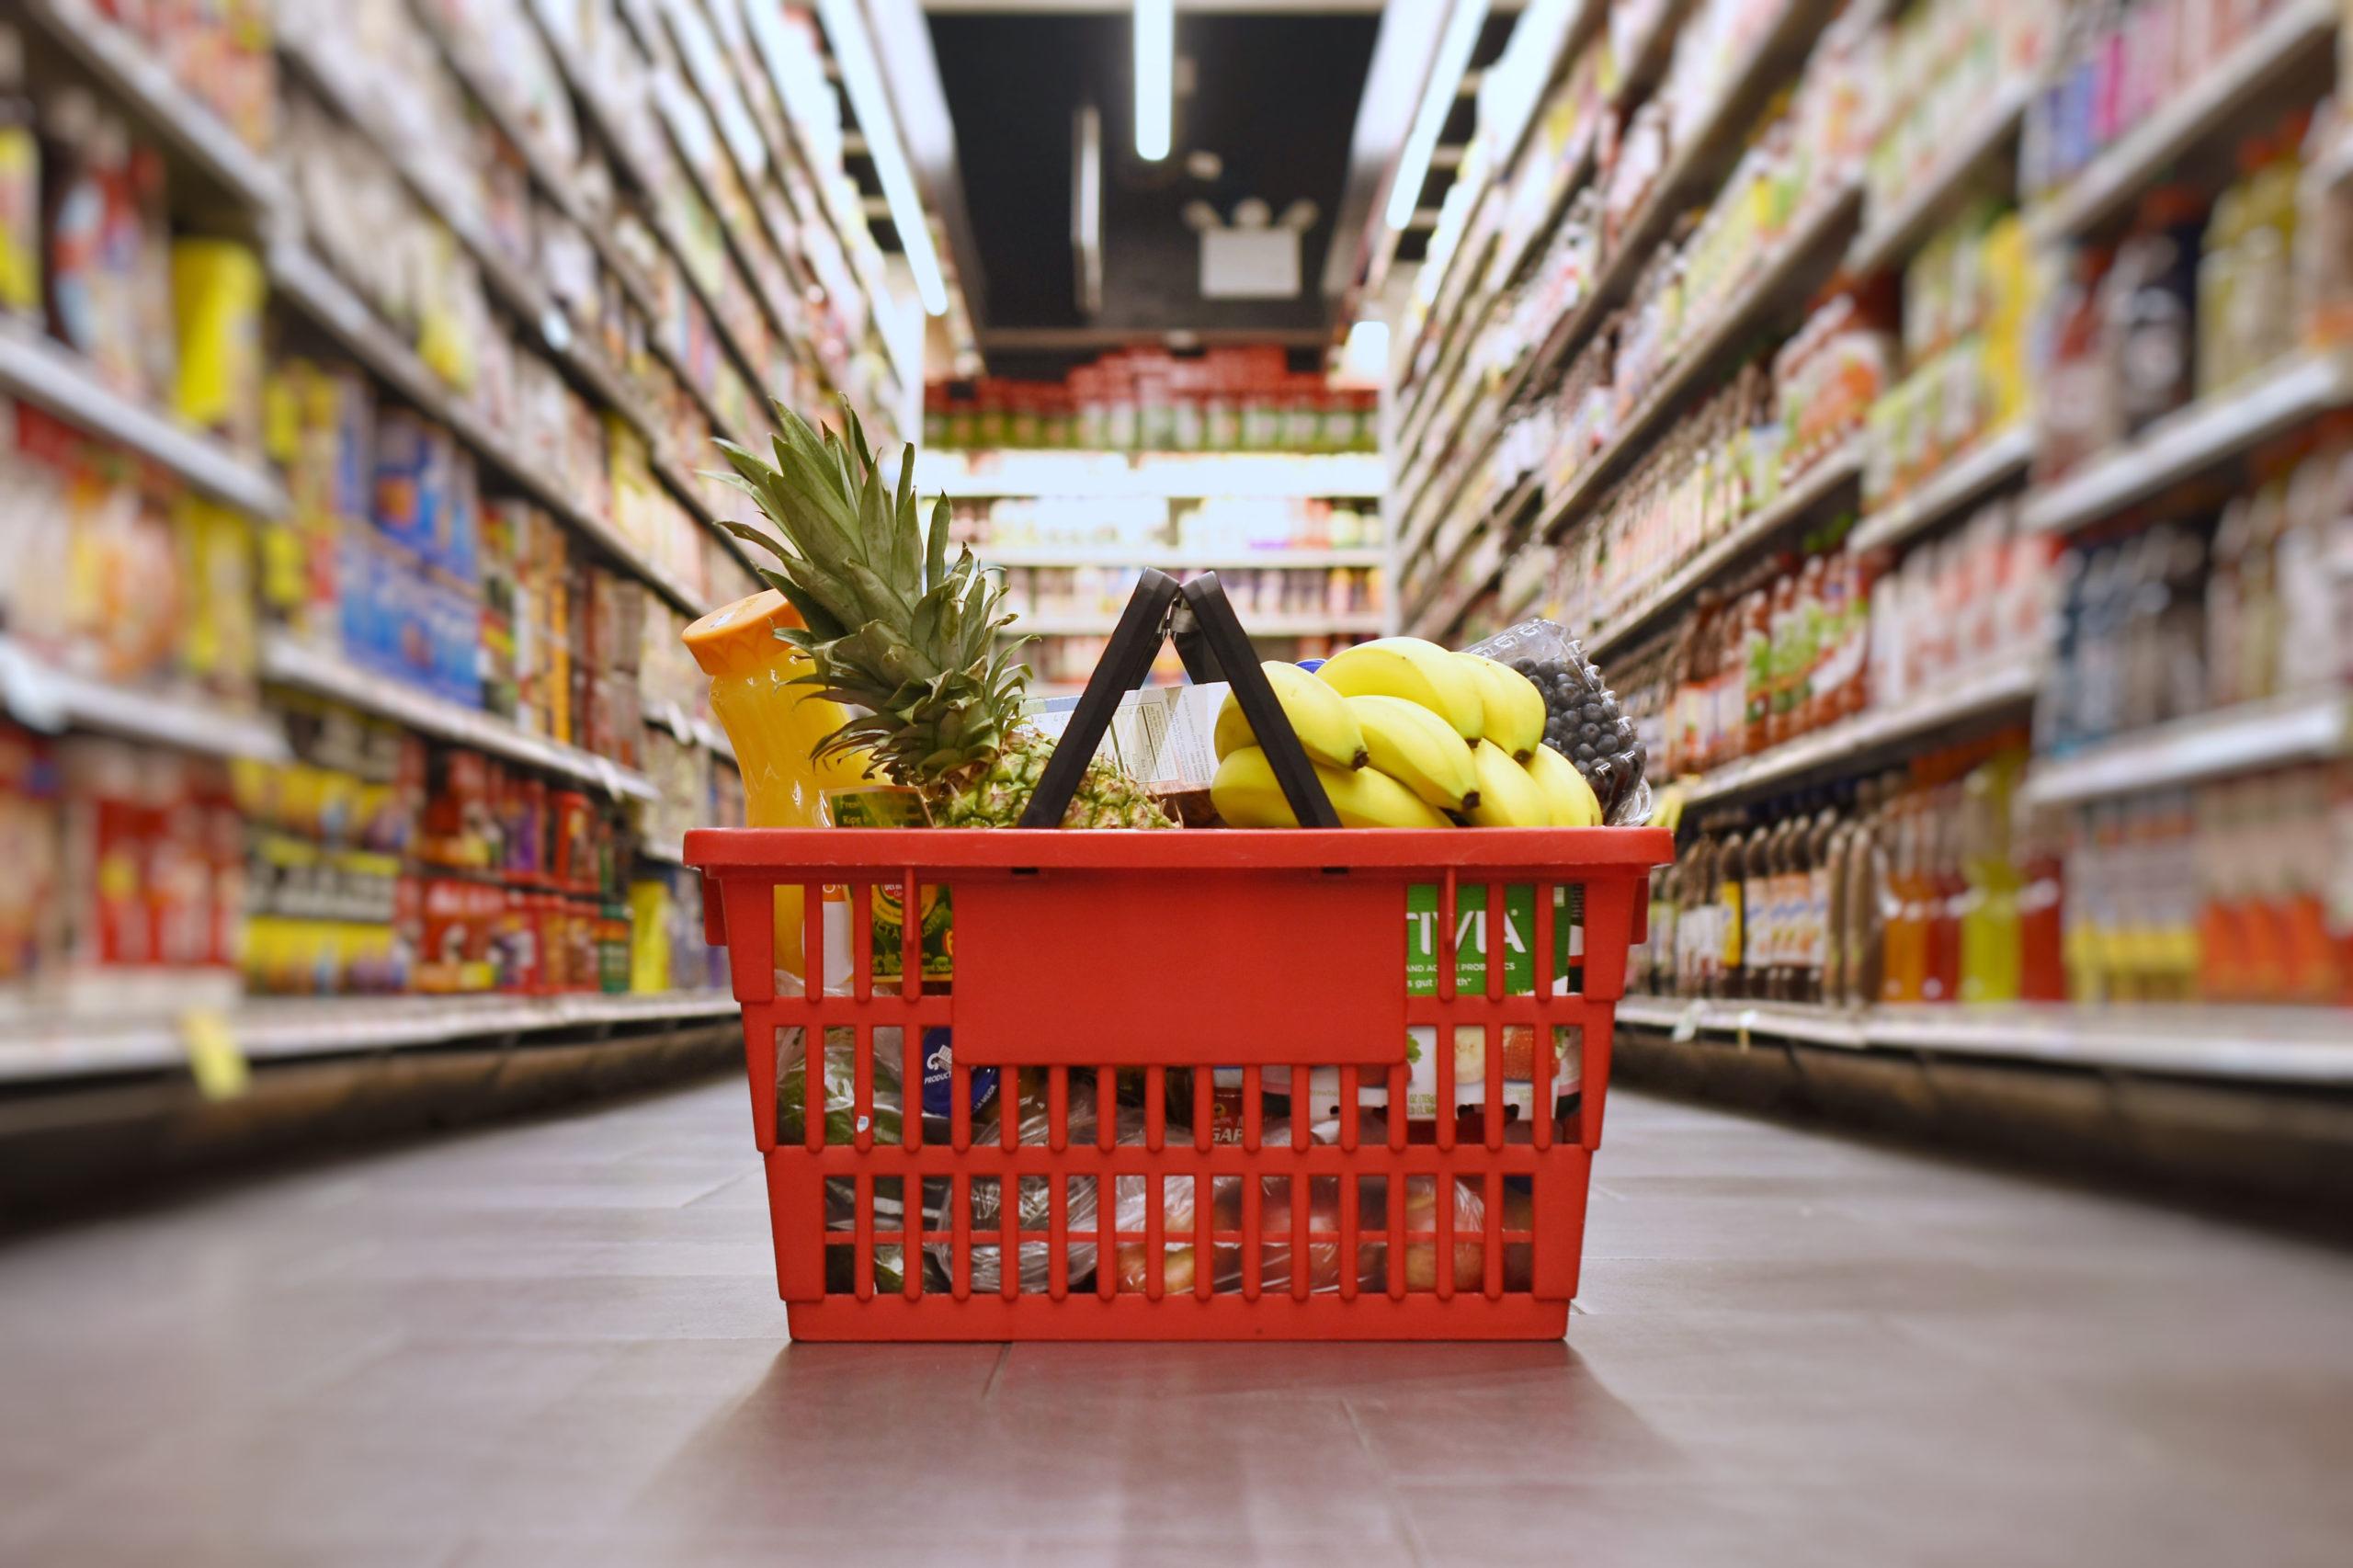 Supermärkte brauchen Investoren für krisenresistente Geldanlage